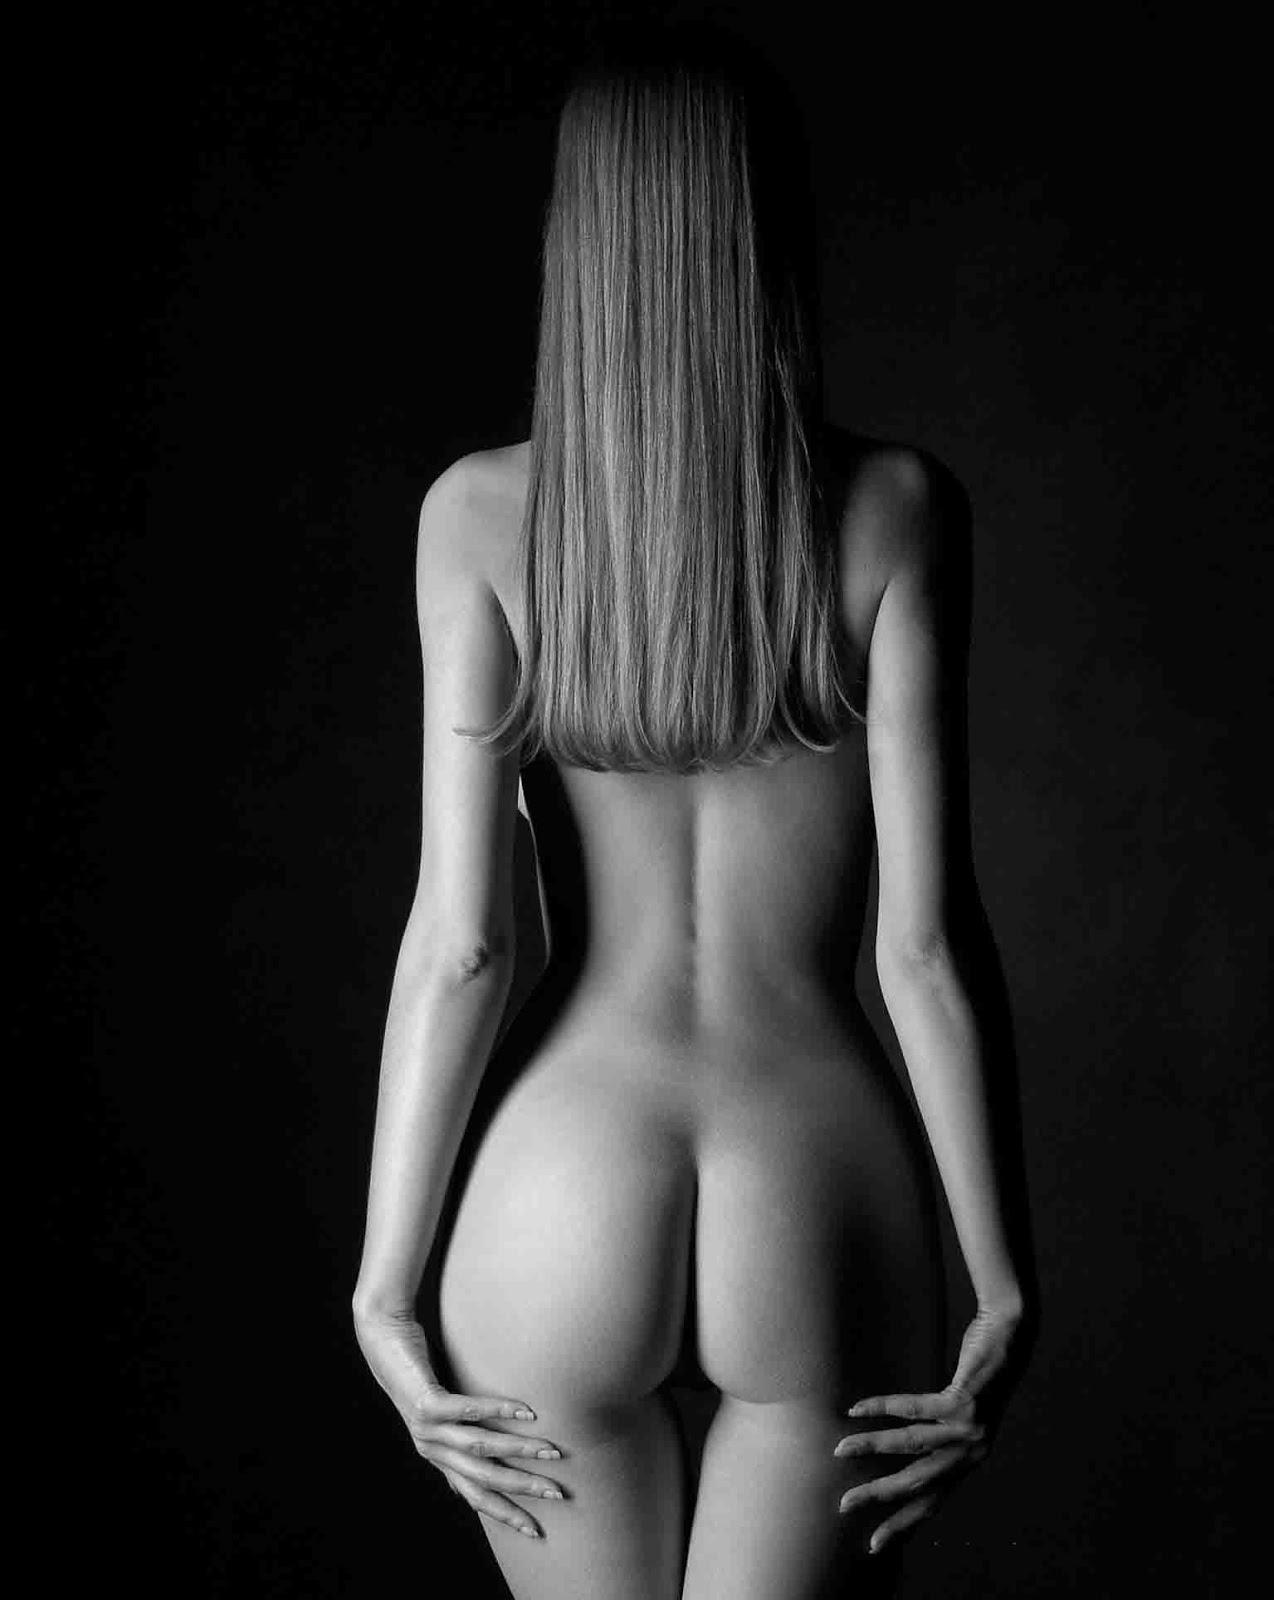 Русское пороно онлайн инцест мама дочь сестра теща тетя племянница ученица сиськи груди титьки соски hd 13 фотография